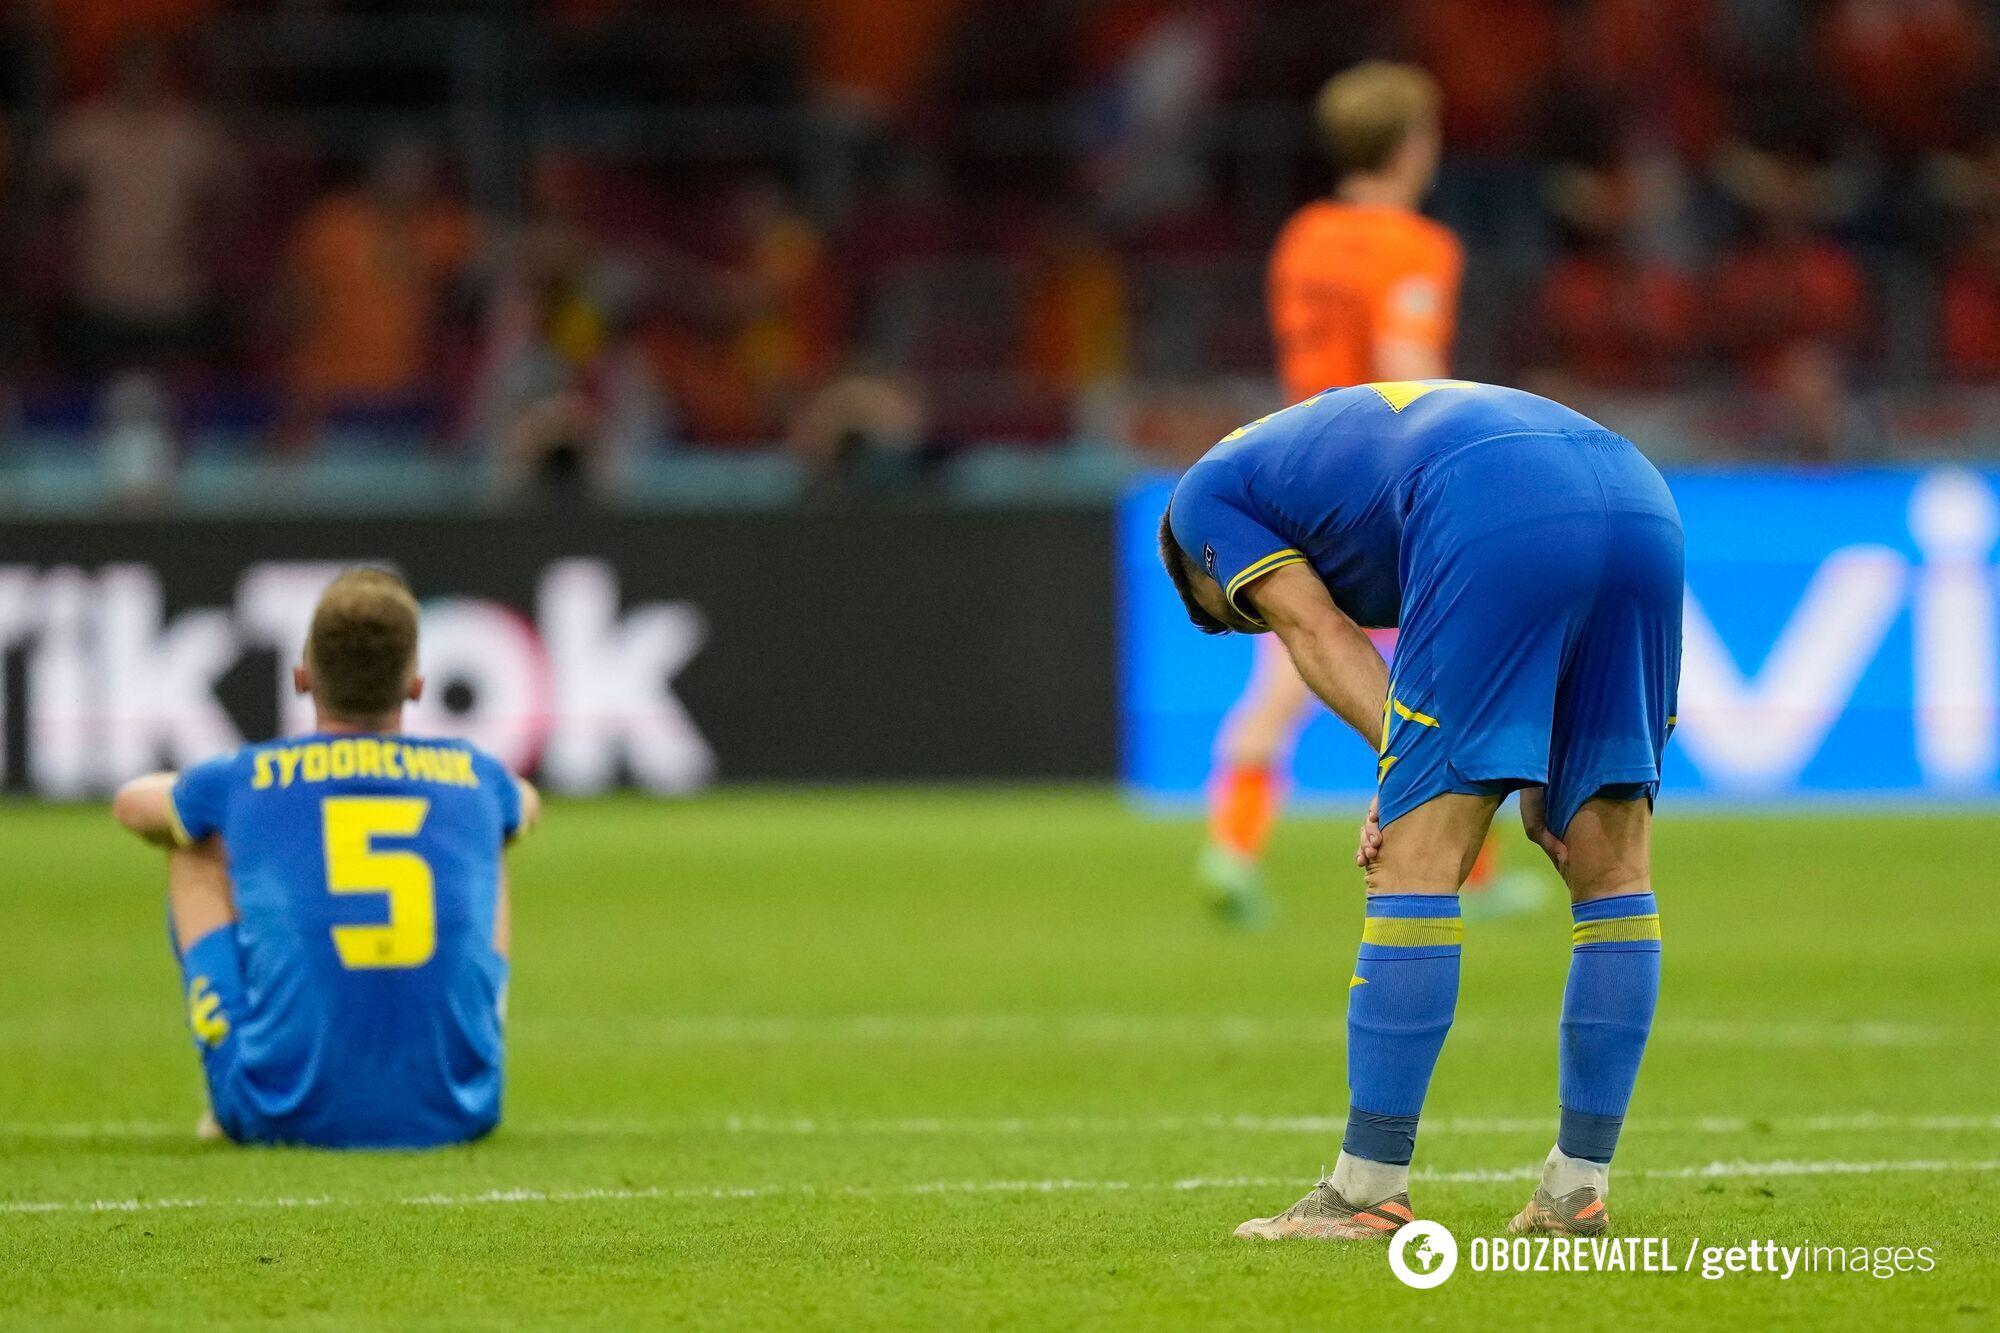 Украинцы обидно проиграли Нидерландам